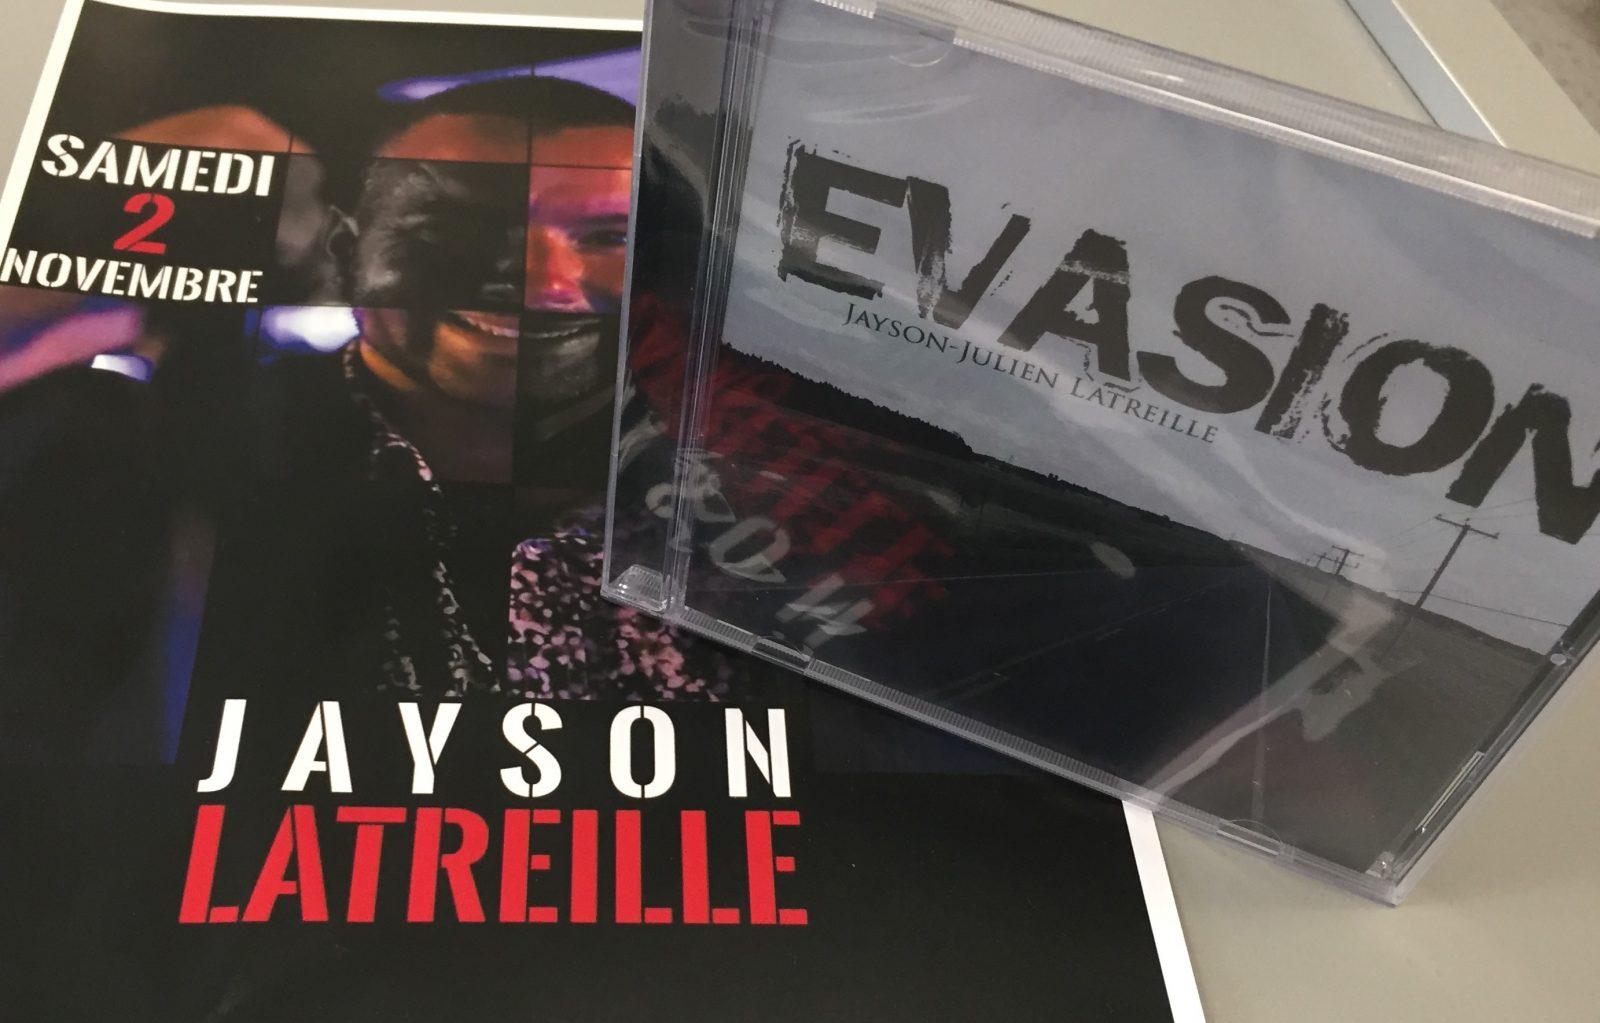 Un premier opus pour Jayson-Julien Latreille